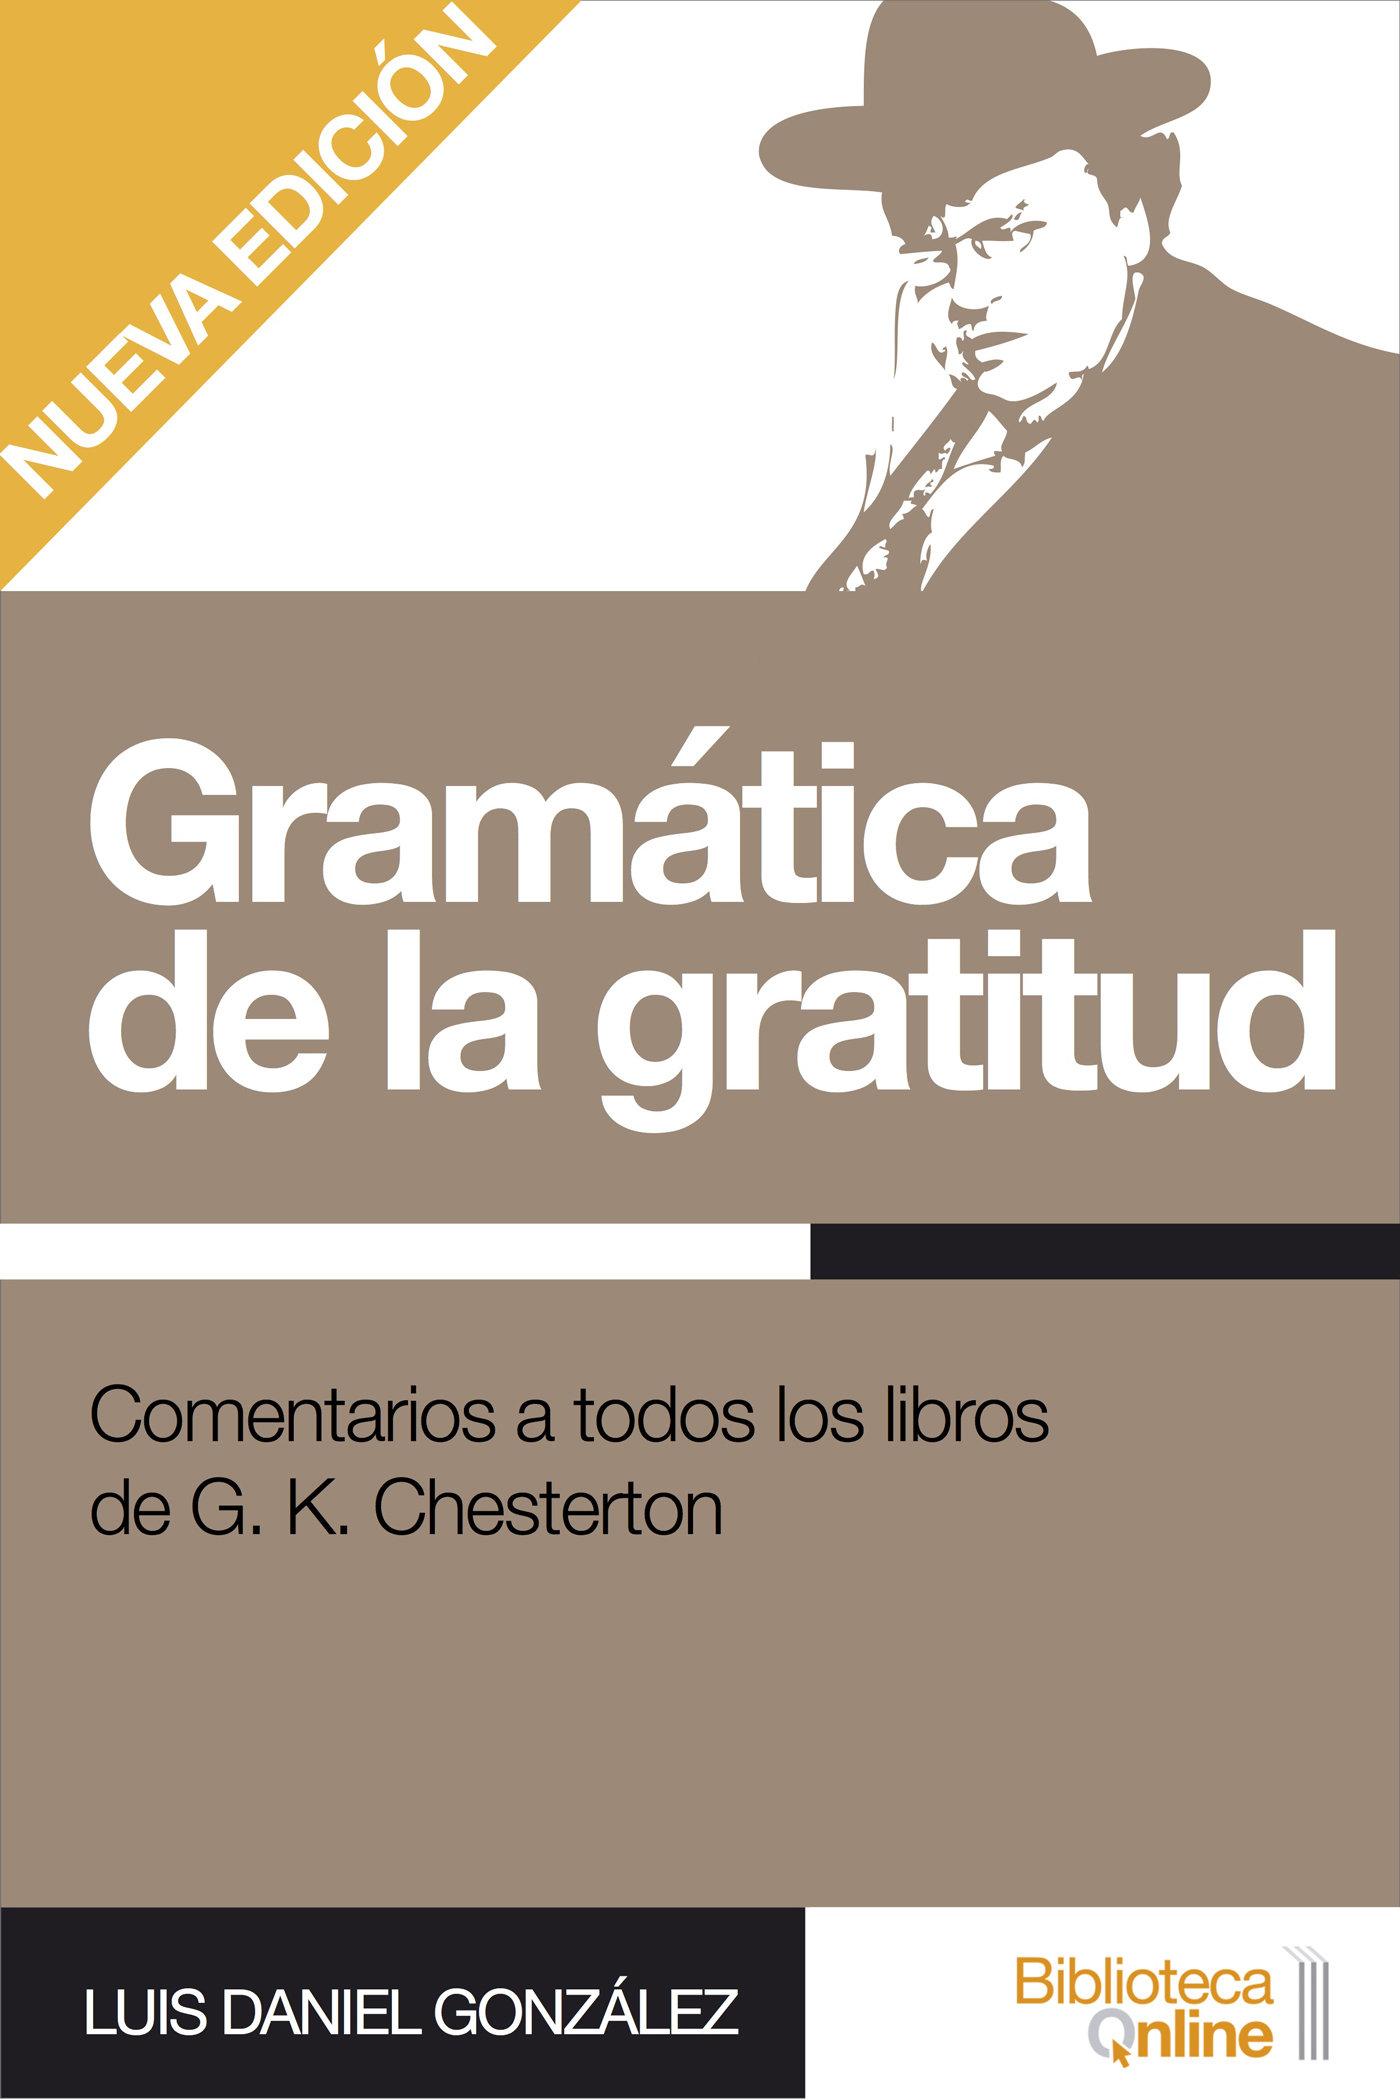 Gramática de la gratitud. Comentarios a todos los libros de G.K. Chesterton LDG-GDLG